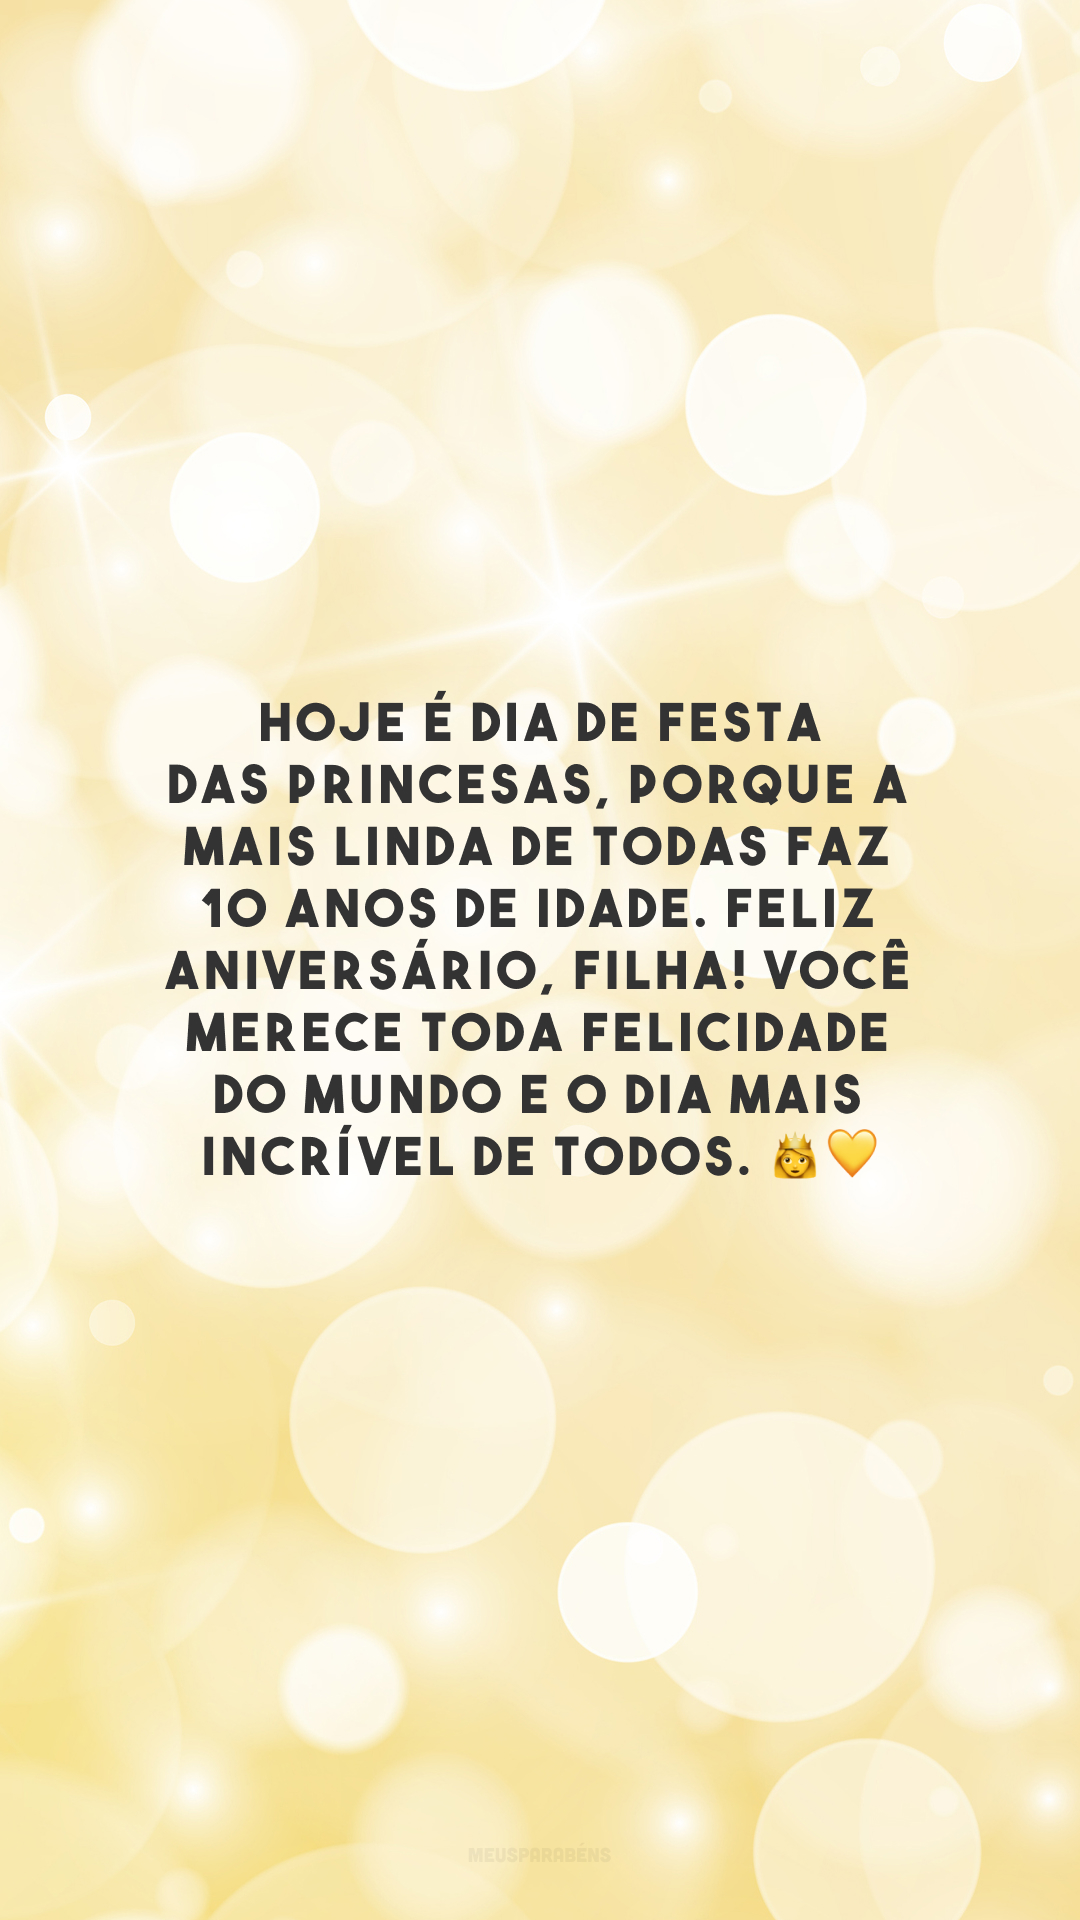 Hoje é dia de festa das princesas, porque a mais linda de todas faz 10 anos de idade. Feliz aniversário, filha! Você merece toda felicidade do mundo e o dia mais incrível de todos. 👸💛